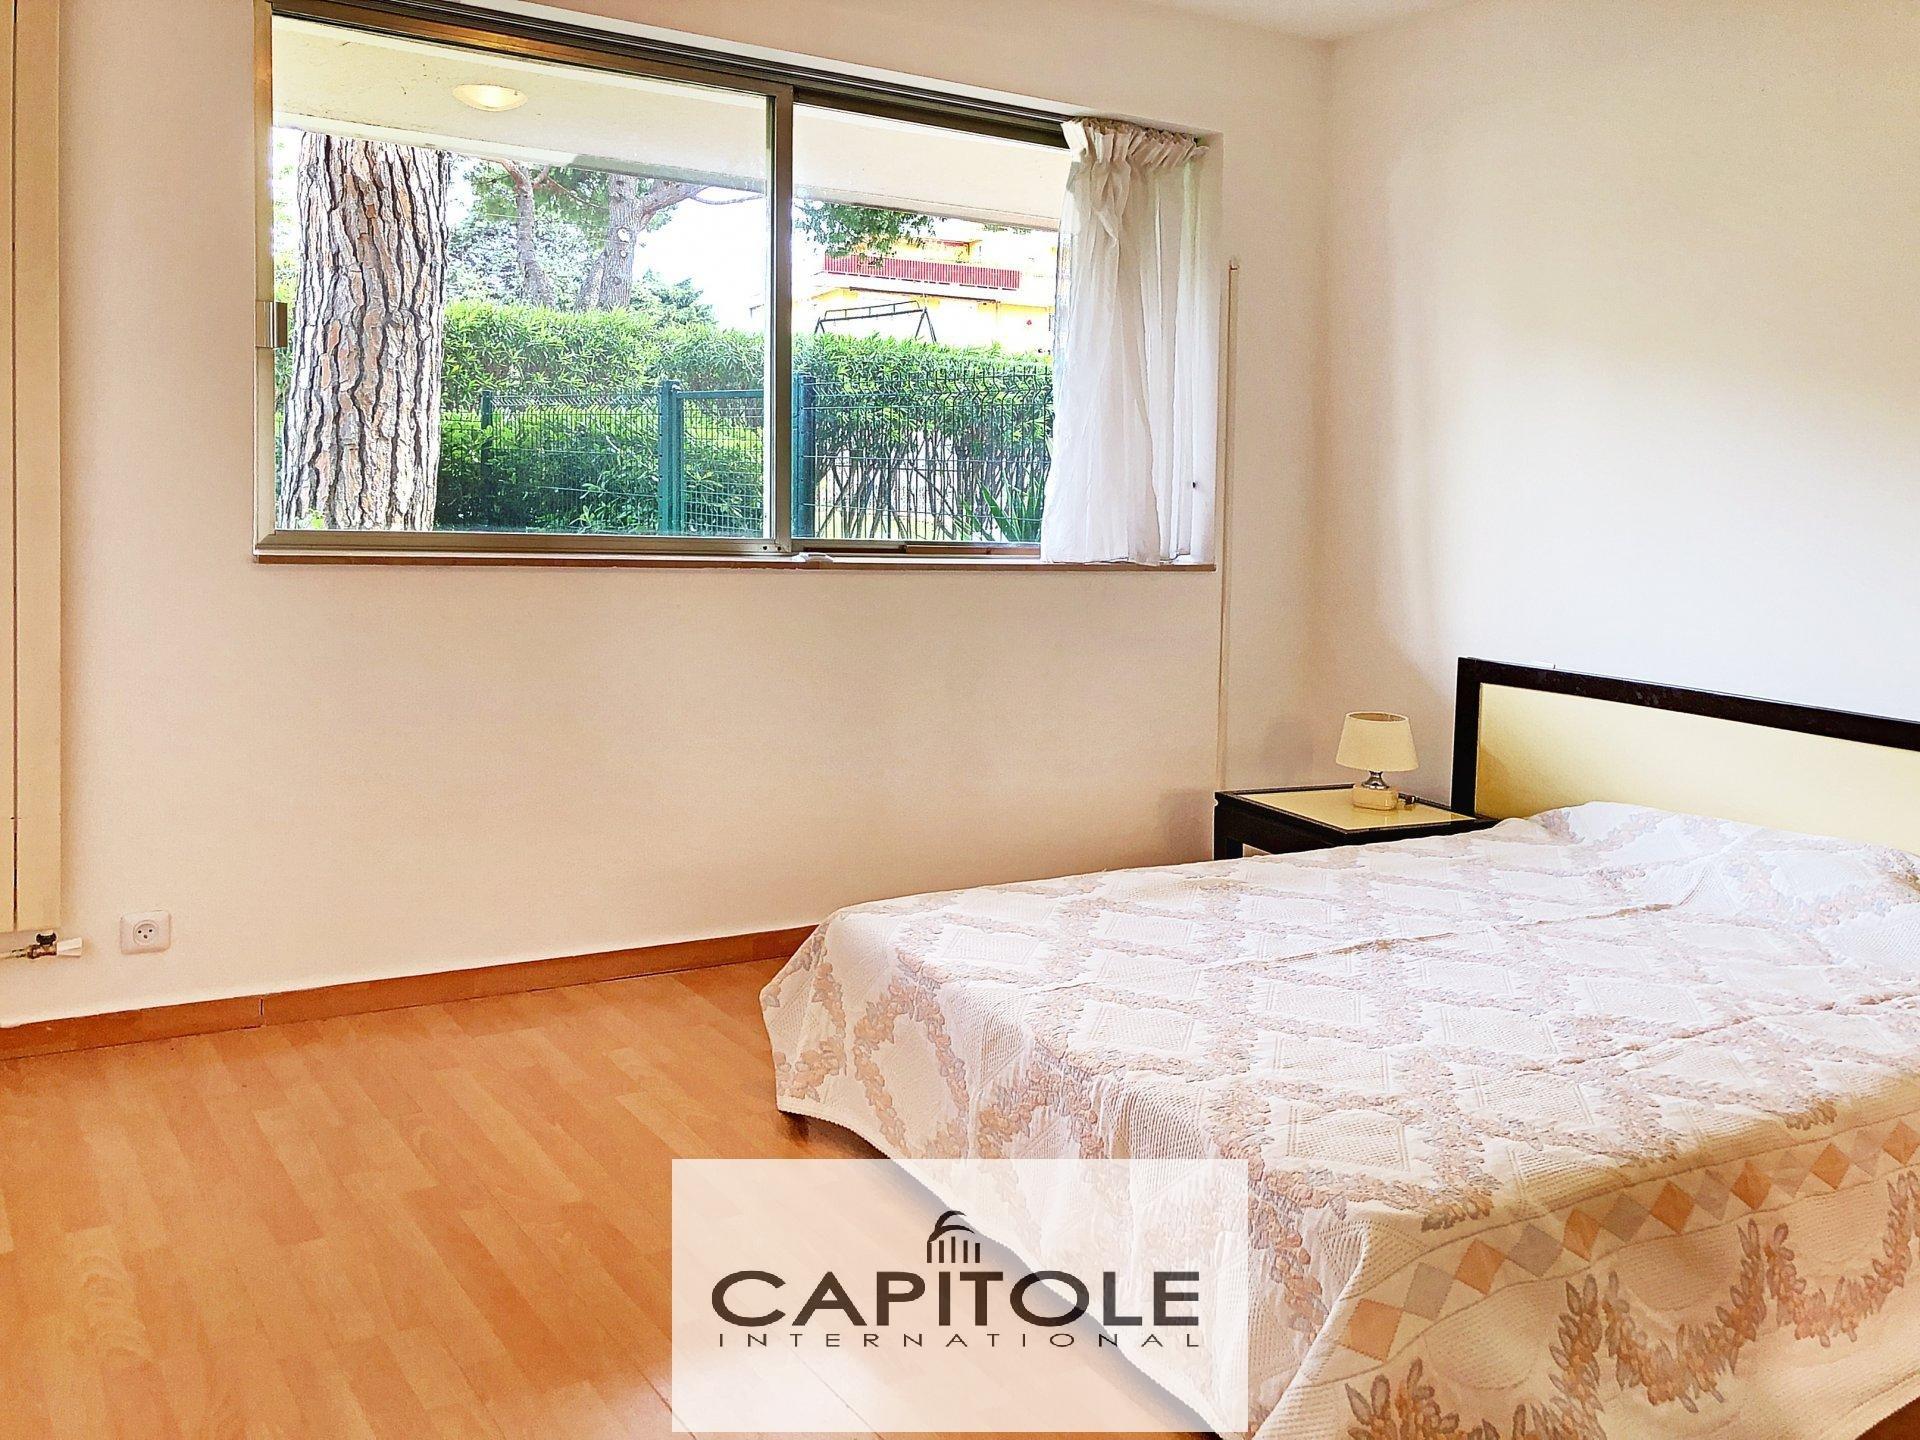 A vendre, début Cap d'ANTIBES/ Salis  appartement 3 pièces 81m² RDJ, vue mer,